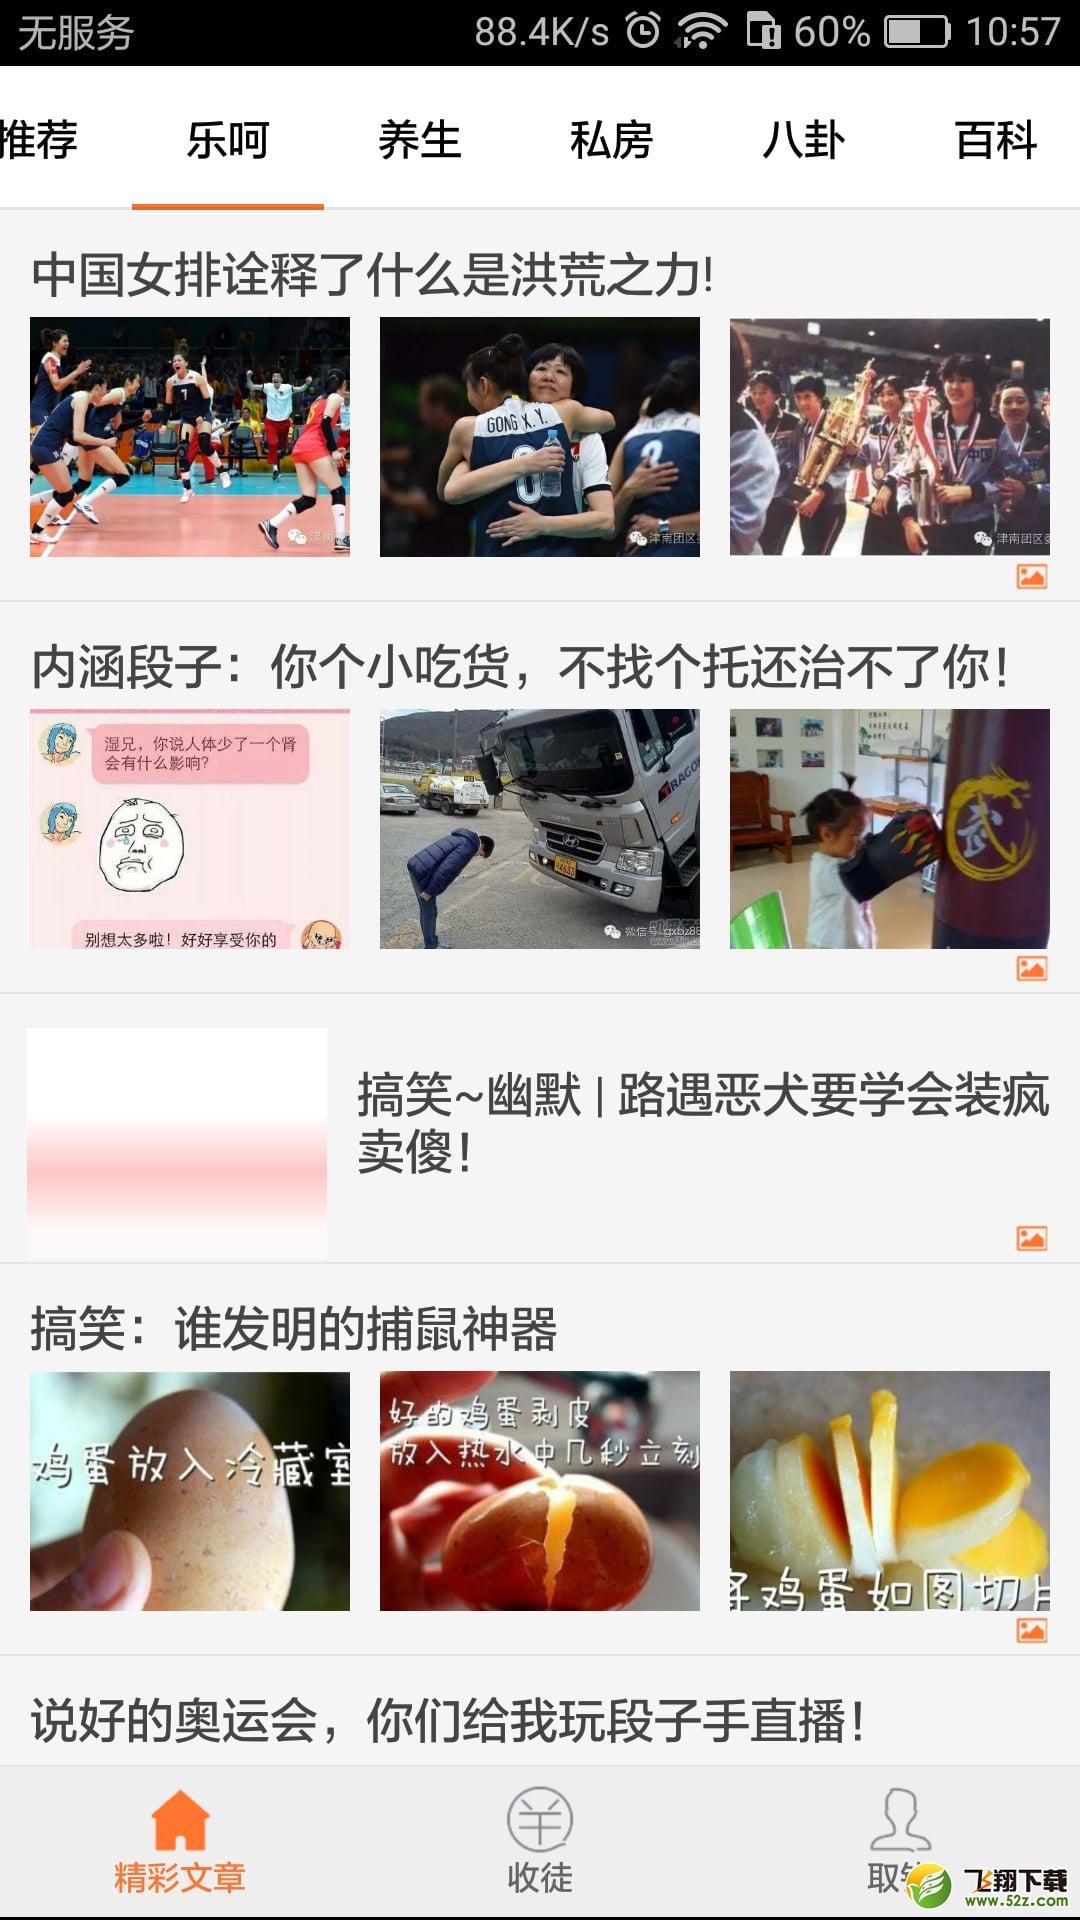 百万猪V1.7.4 安卓版_52z.com